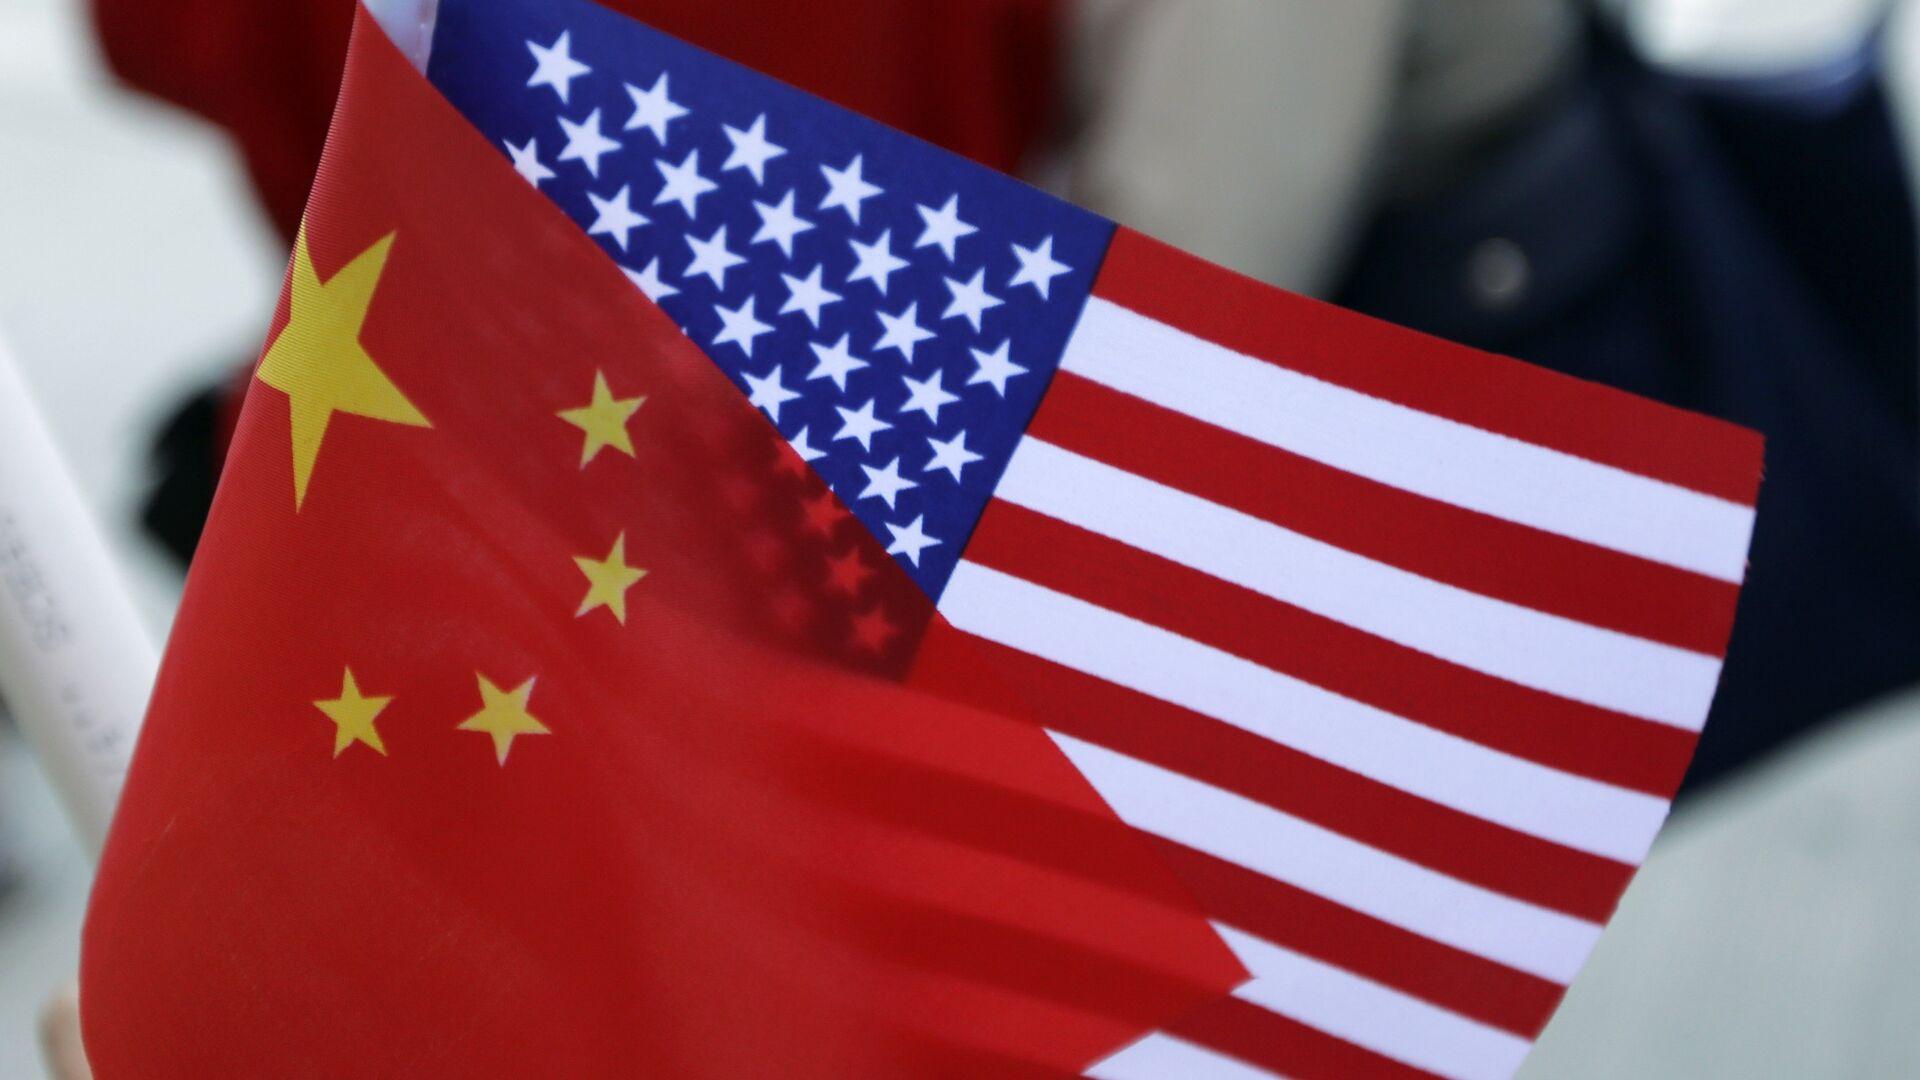 Banderas de China y EEUU - Sputnik Mundo, 1920, 20.03.2021